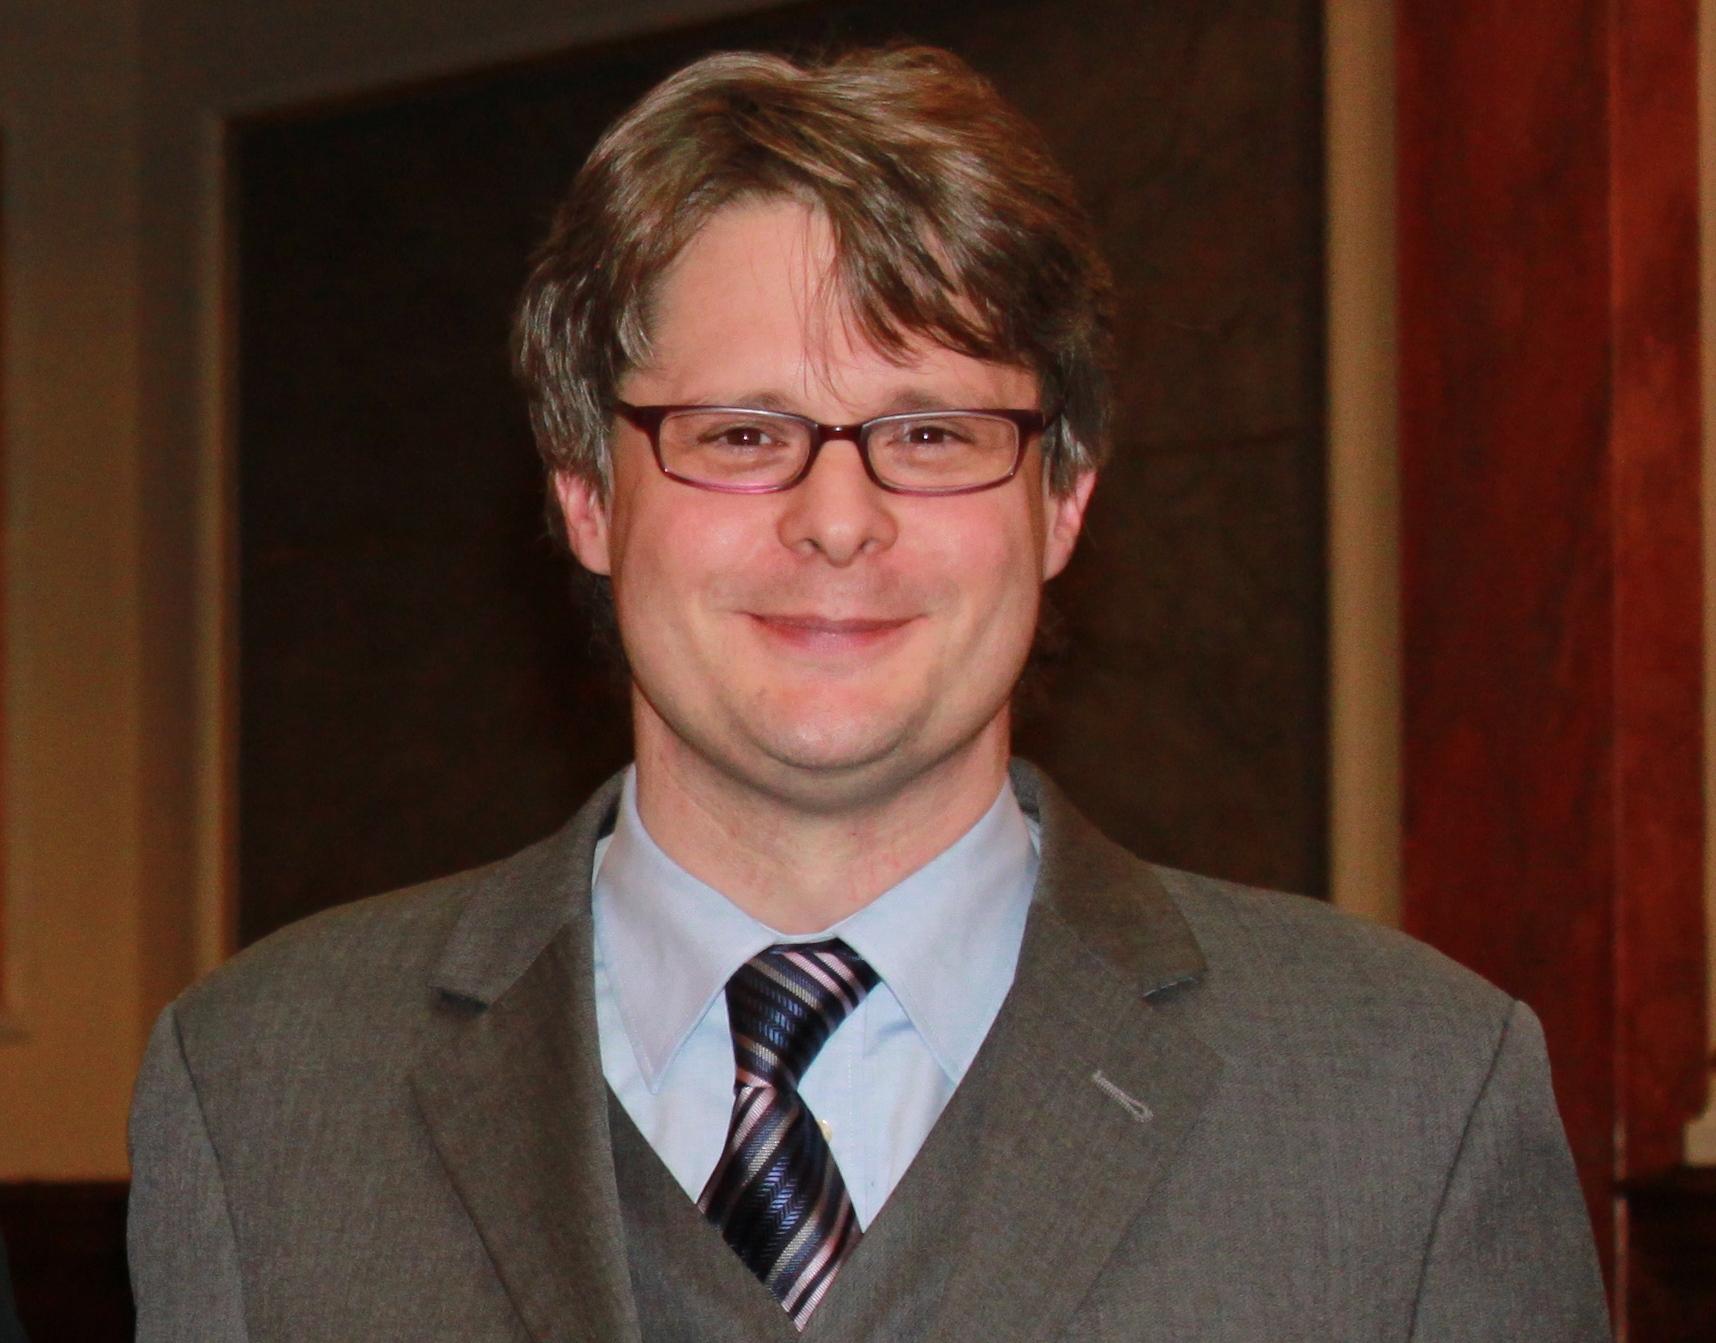 Patrick Kaeding